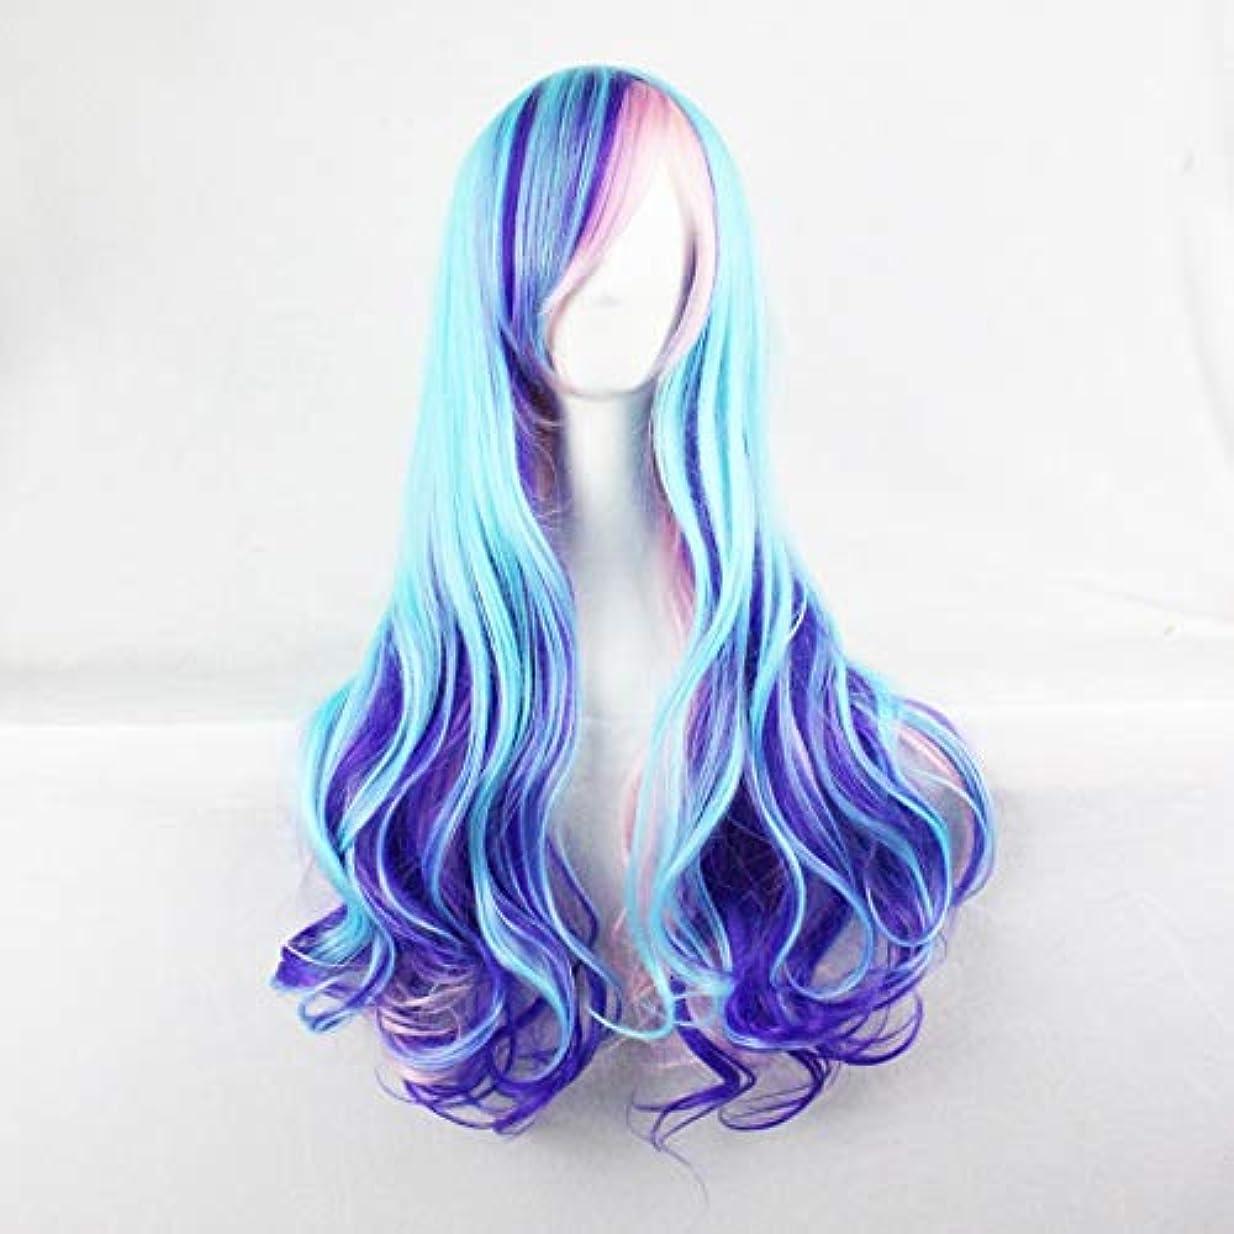 着替える病弱予防接種かつらキャップでかつらファンシードレスカールかつら女性用高品質合成毛髪コスプレ高密度かつら女性&女の子ブルー、ピンク、パープル (Color : 青)